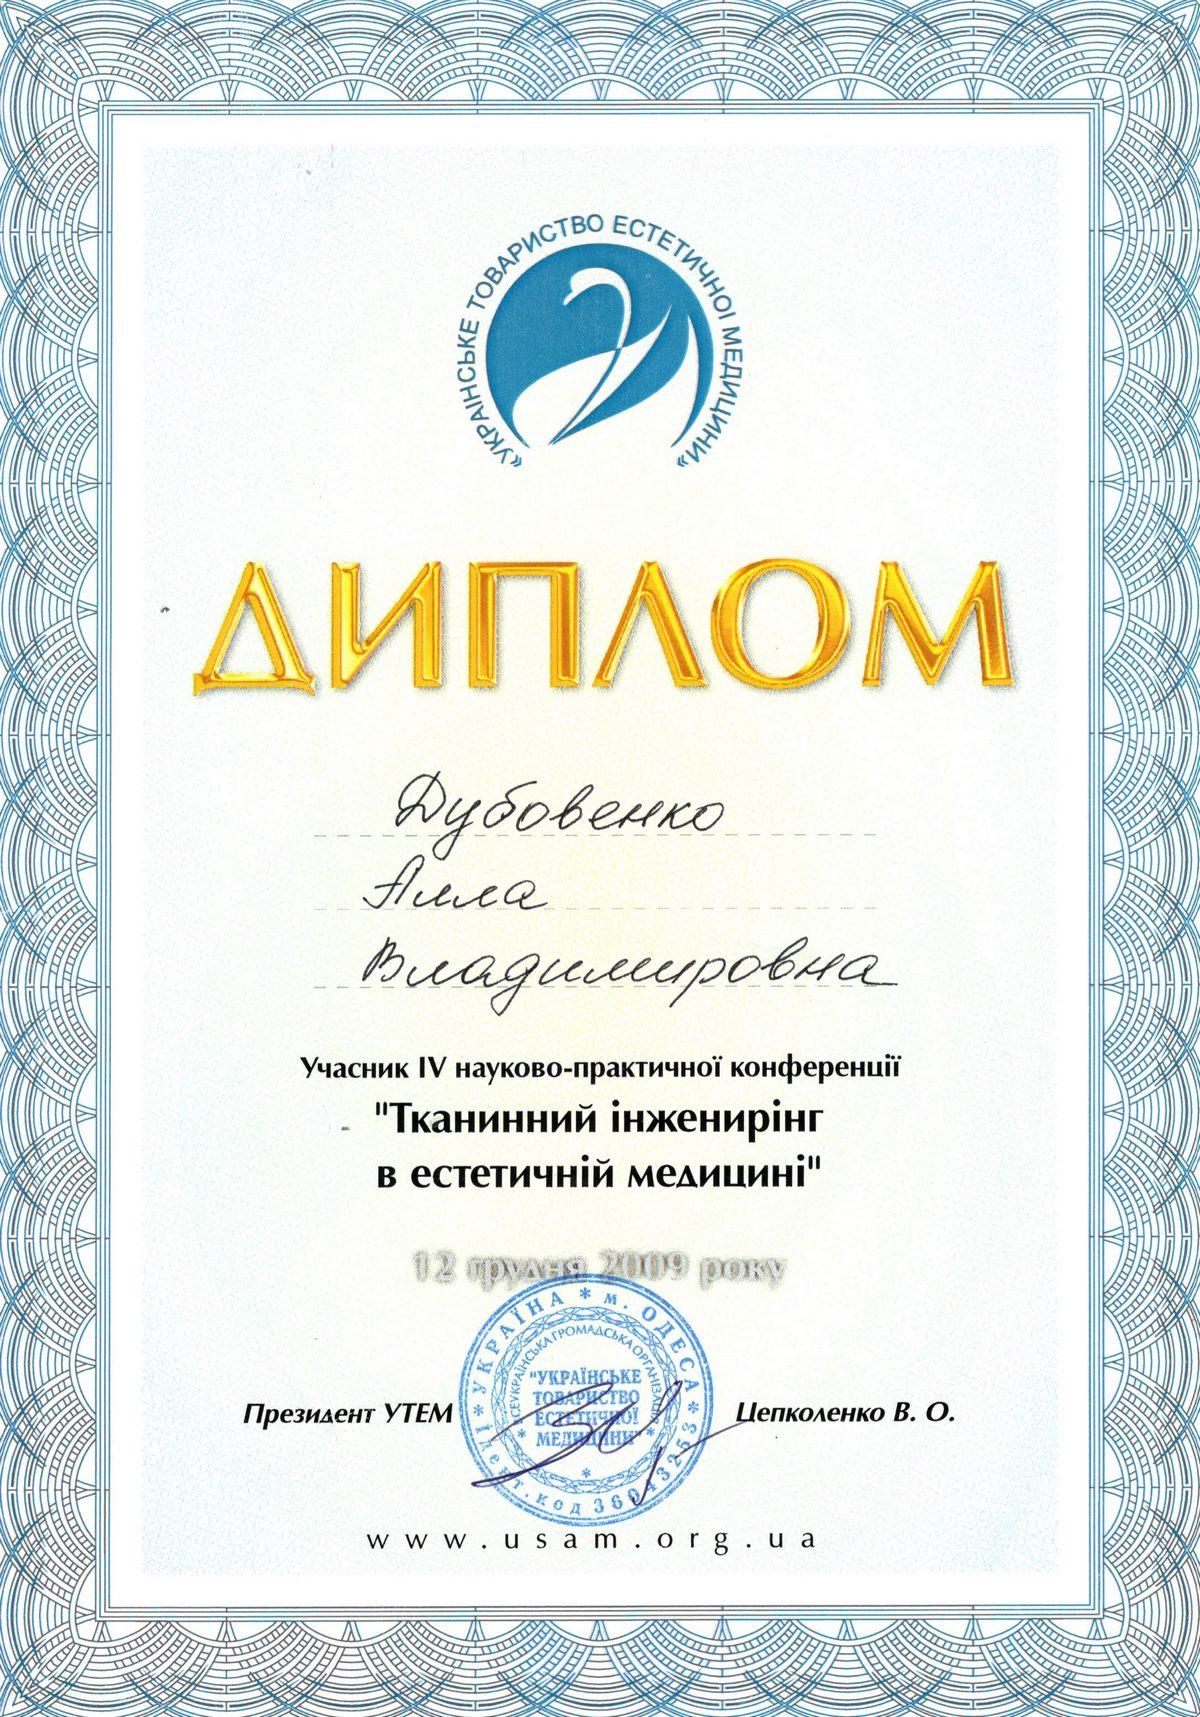 Документ №:6 Диплом врача-дерматолога, косметолога Дубовенко Аллы Владимировны